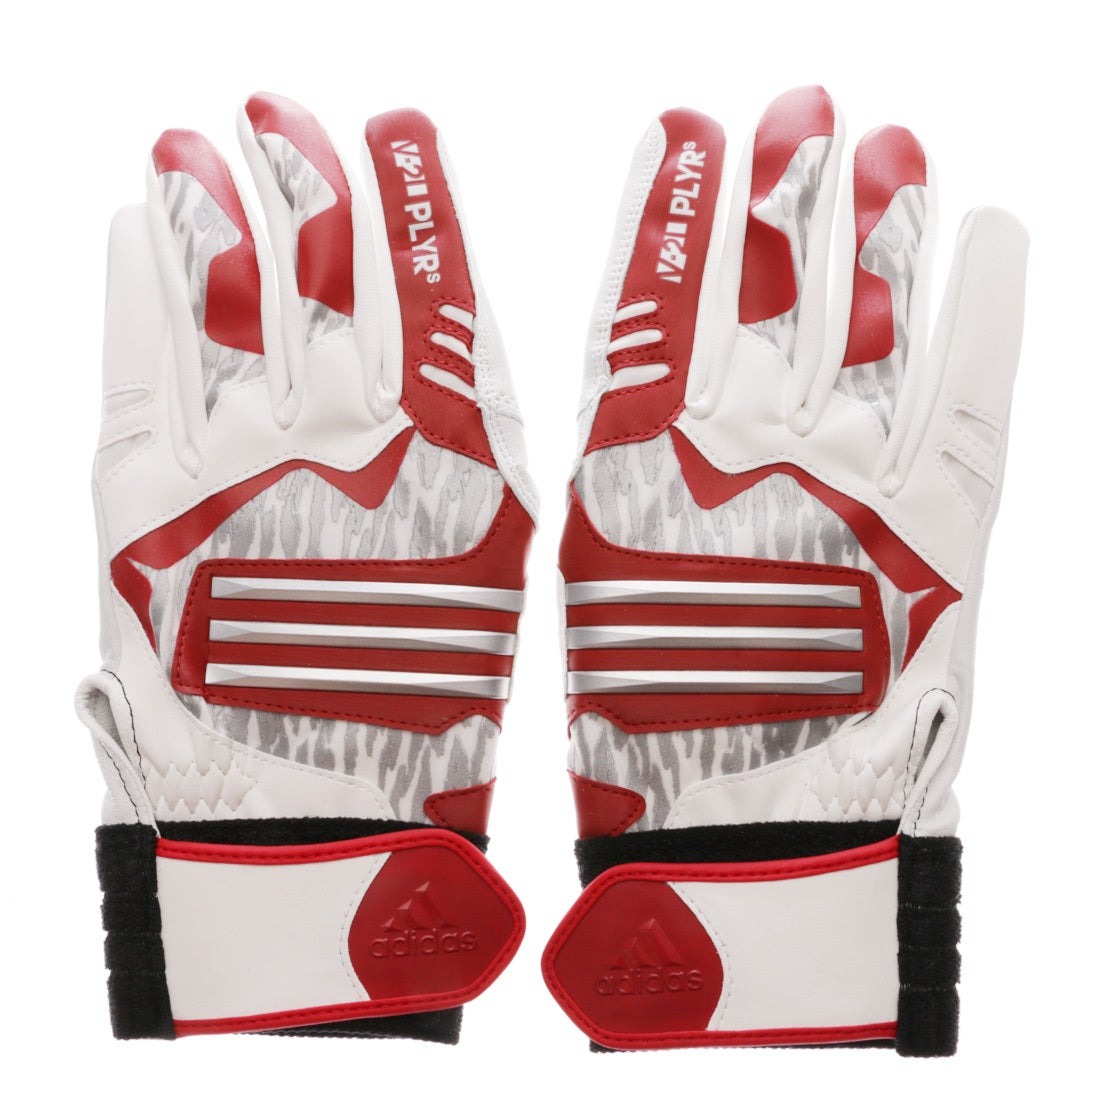 ロコンド 靴とファッションの通販サイトアディダス(adidas)メンズ野球バッティング用手袋5TバッティンググローブBQ7100